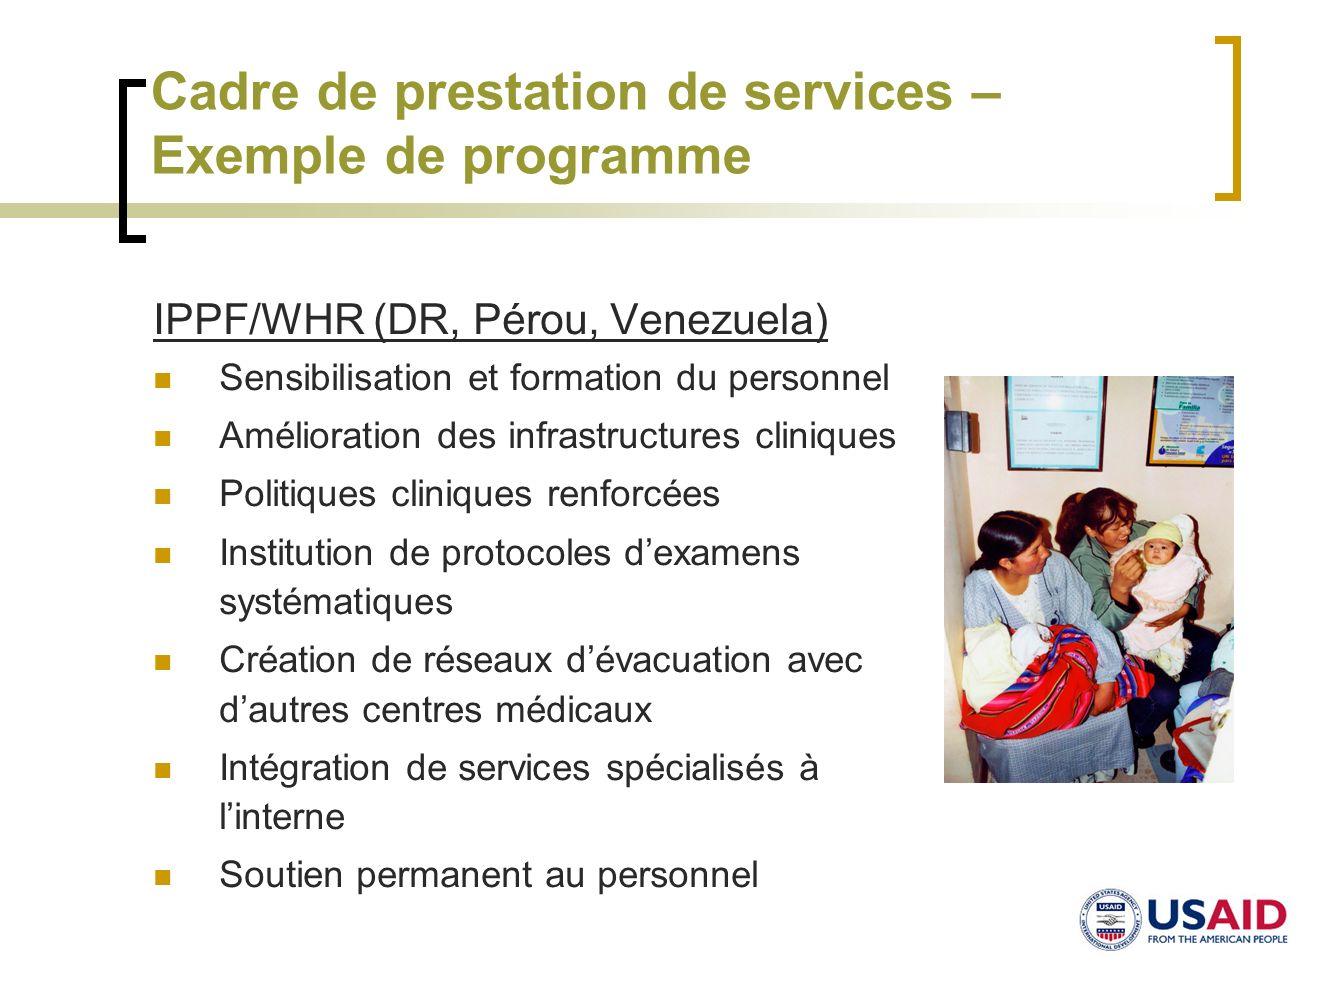 Cadre de prestation de services – Exemple de programme